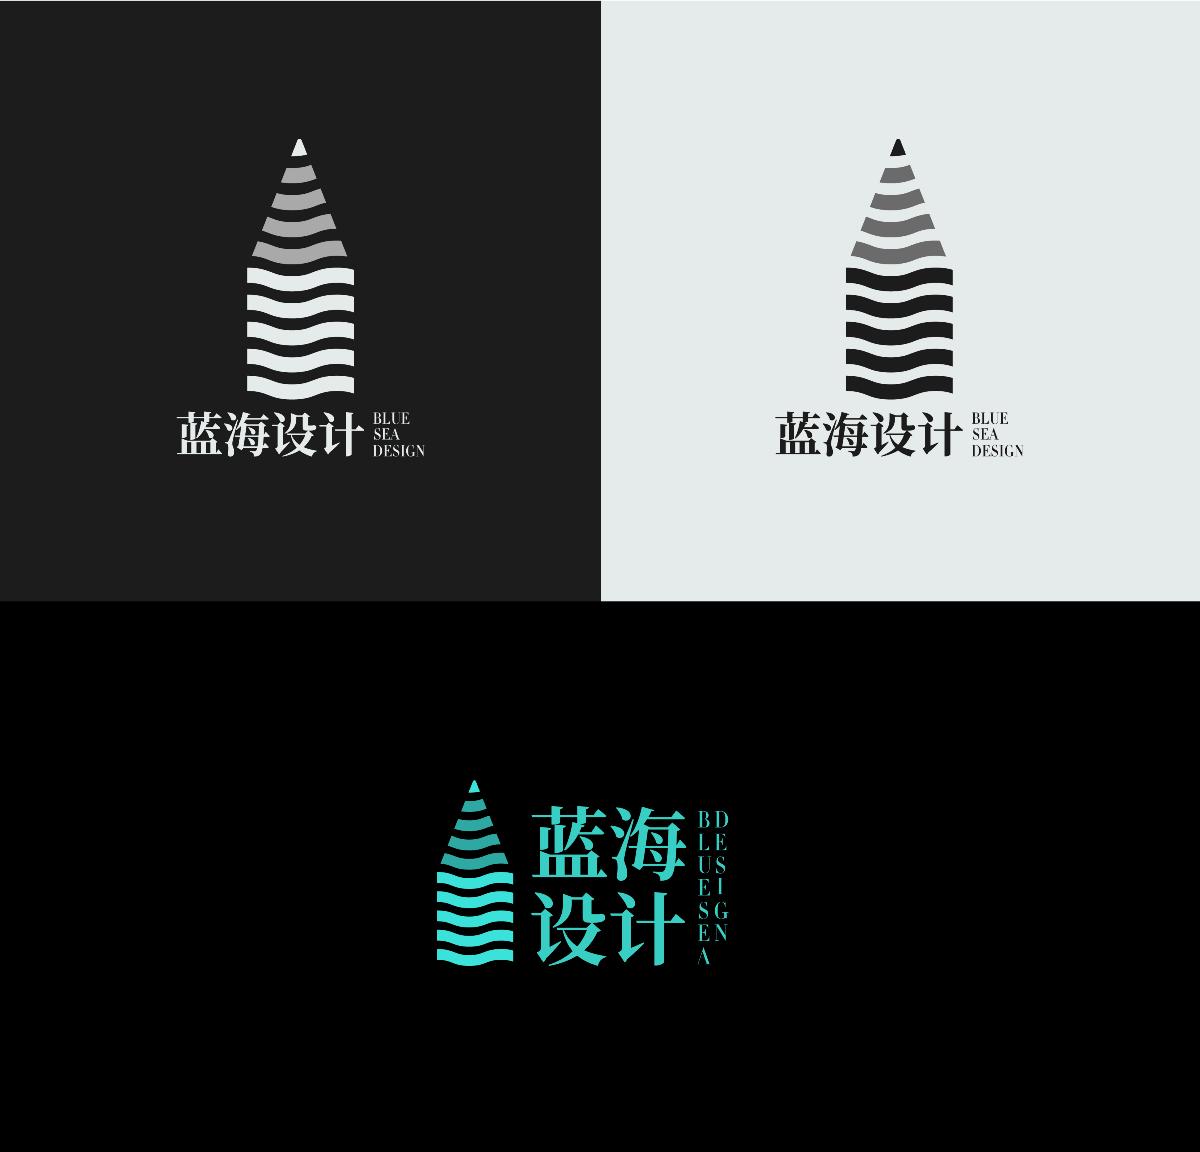 品牌设计——蓝海设计工作室